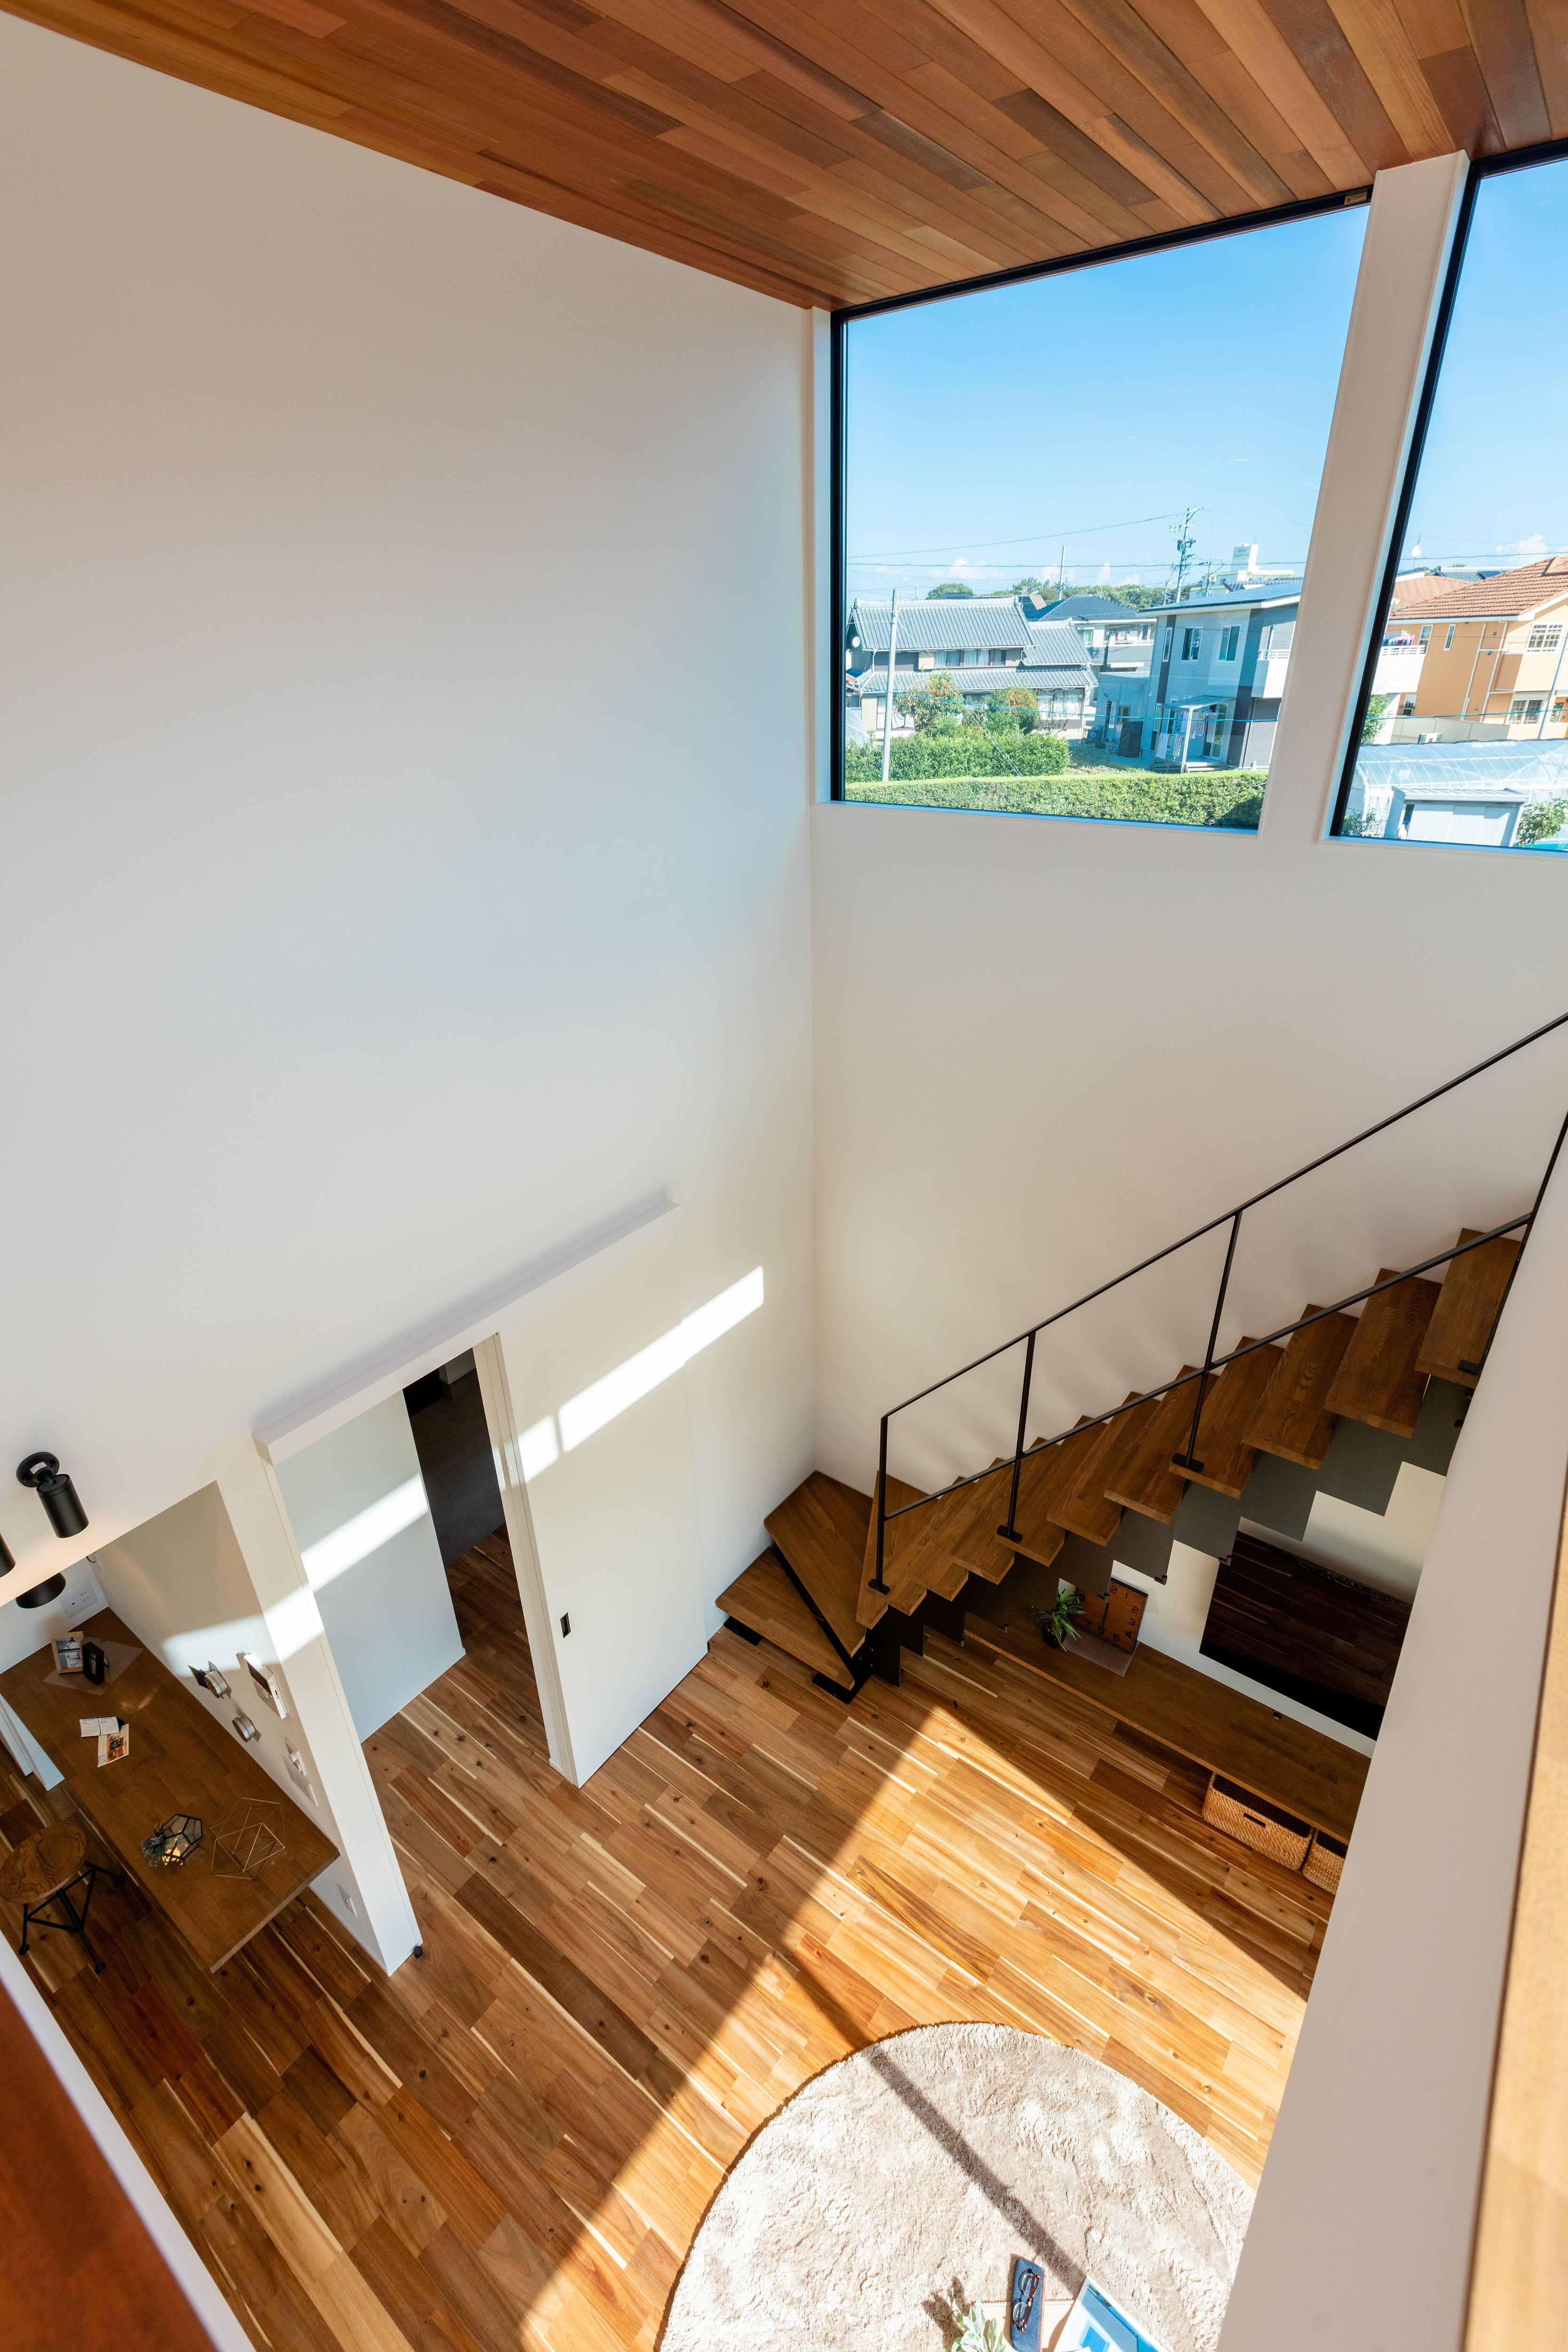 窓から見える風景 住宅 吹き抜け リビング階段 吹き抜け窓